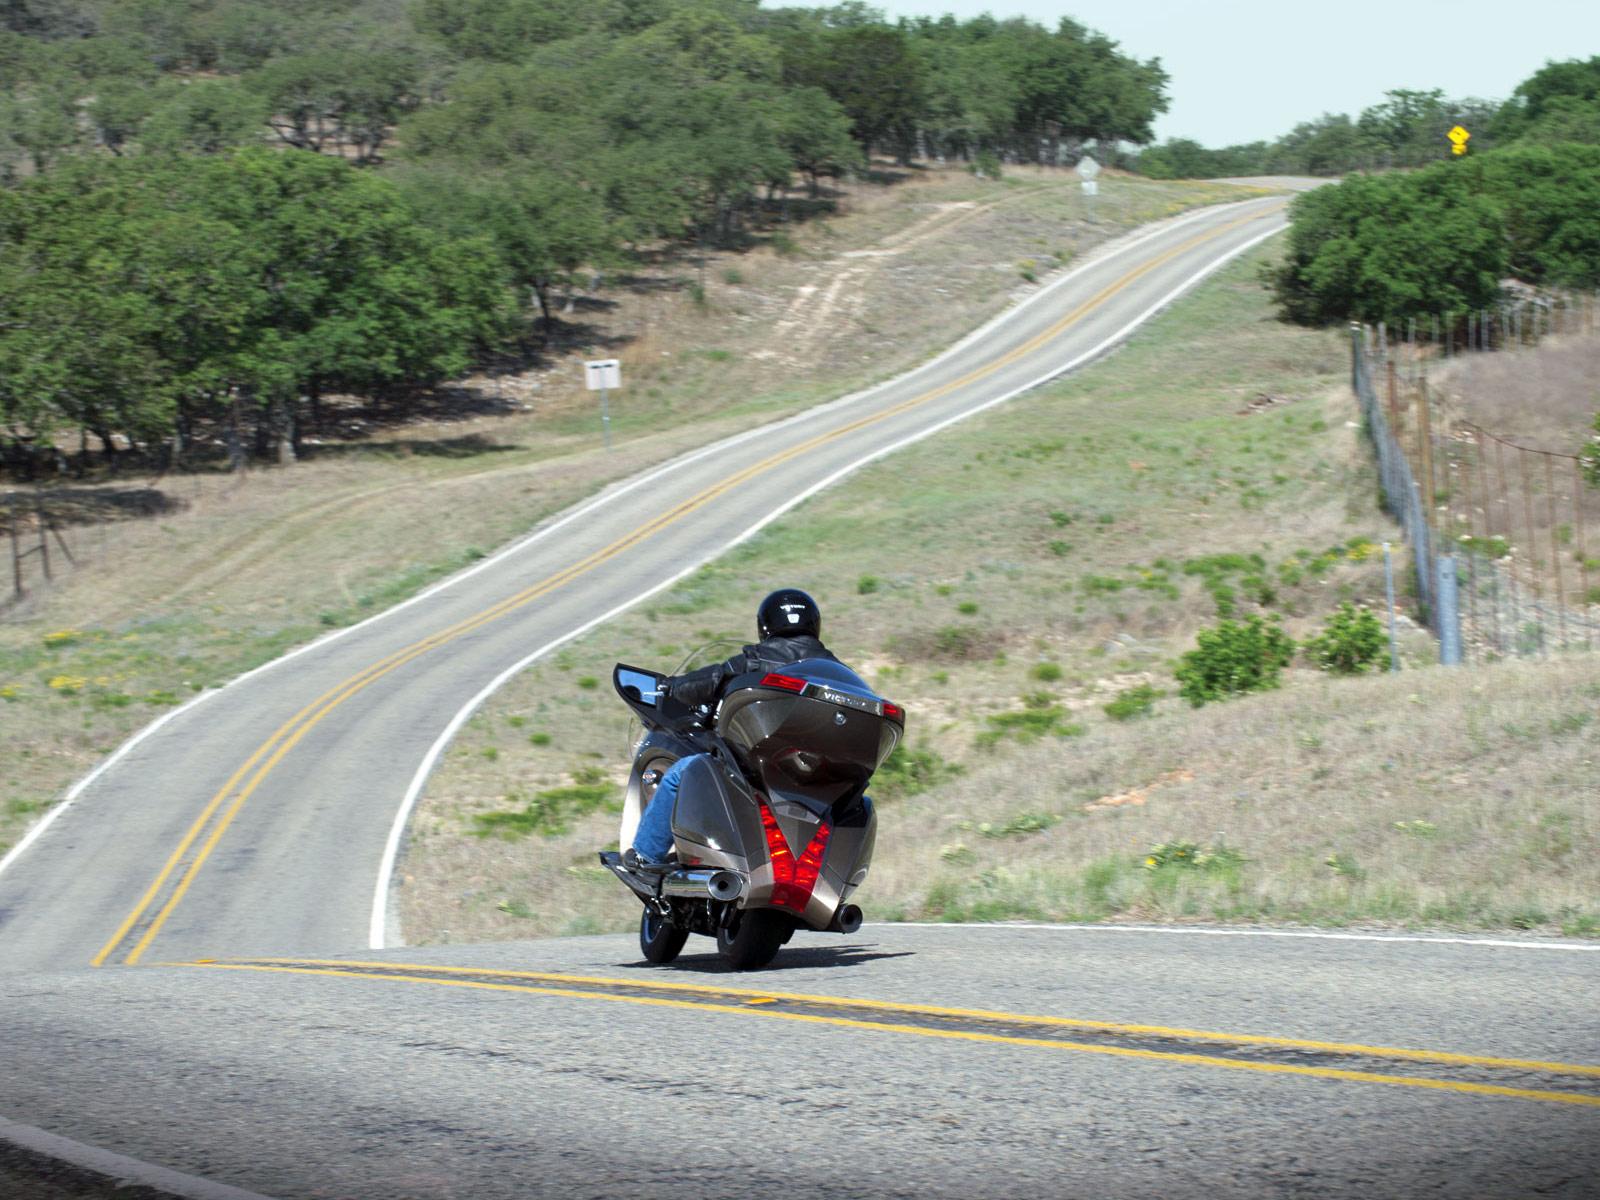 http://3.bp.blogspot.com/-wgLcGTT0Lck/TwwBqkCMyJI/AAAAAAAAGZE/WnZAElDAOlI/s1600/2012_Victory-Vision-Tour_motorcycle-desktop-wallpaper_5.jpg